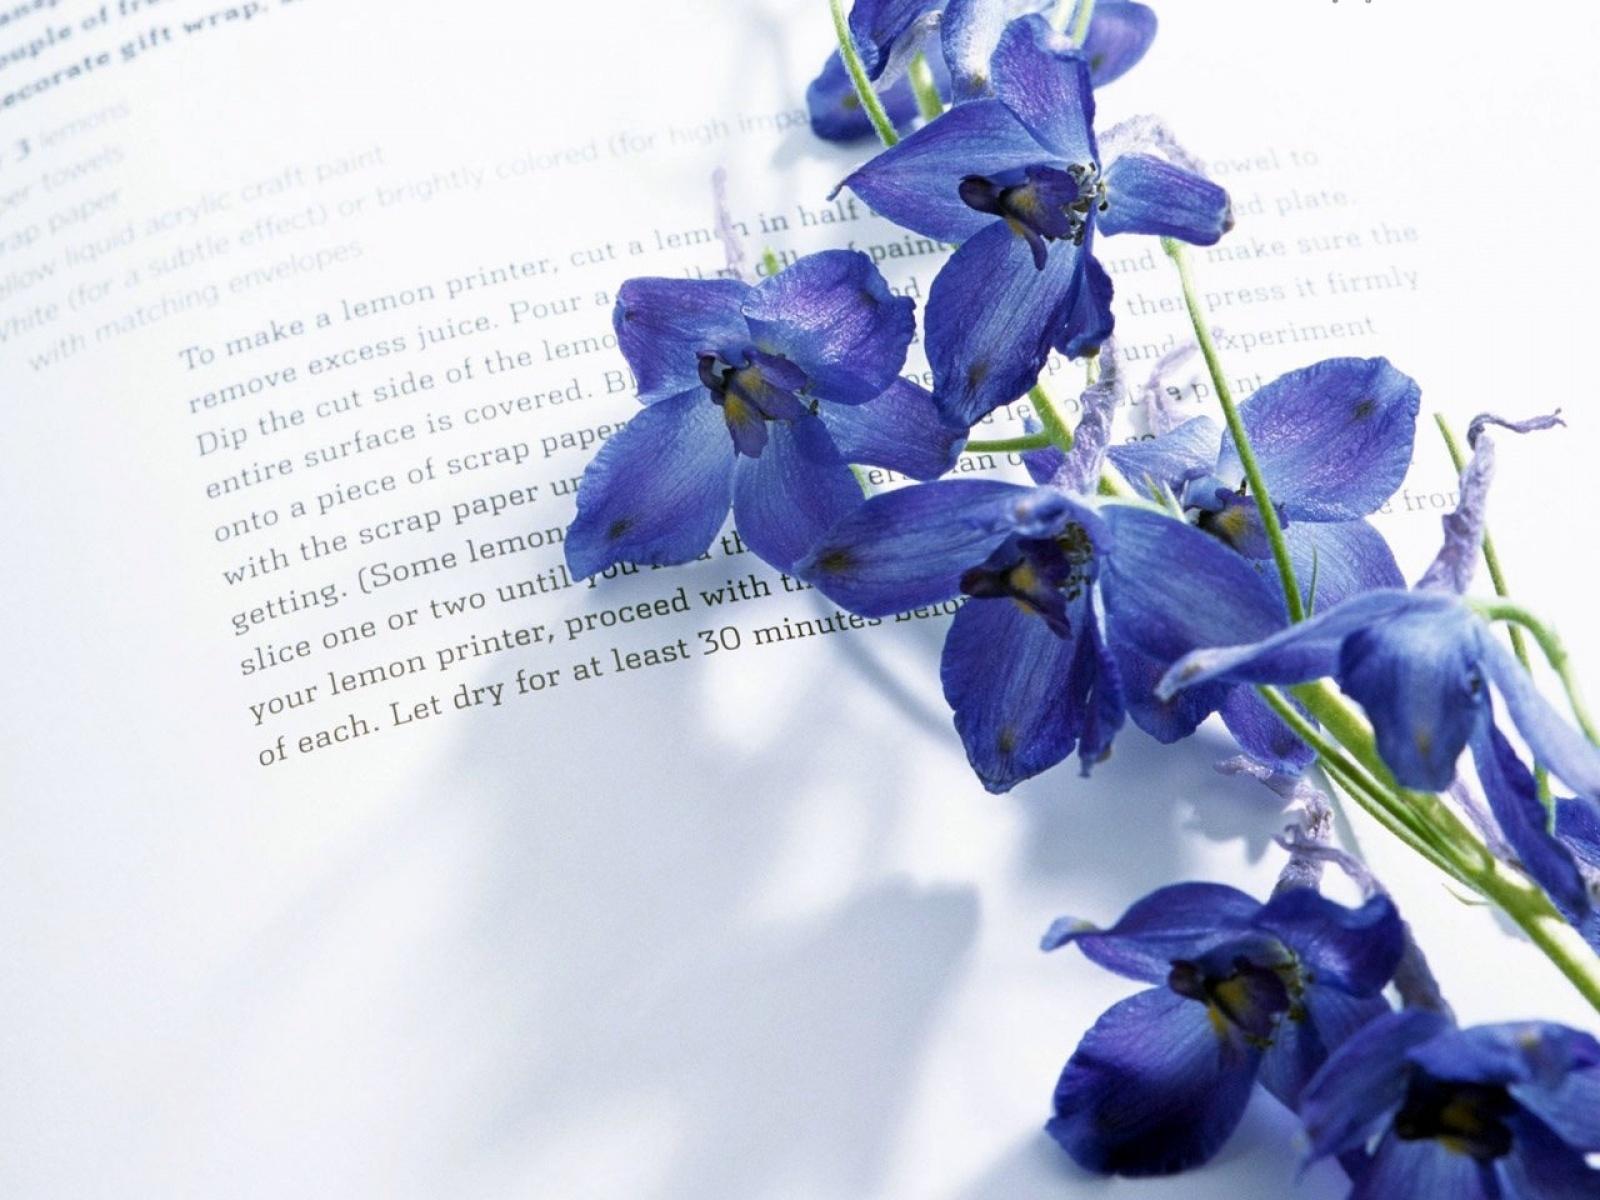 22149 descargar fondo de pantalla Plantas, Flores, Objetos, Libros: protectores de pantalla e imágenes gratis